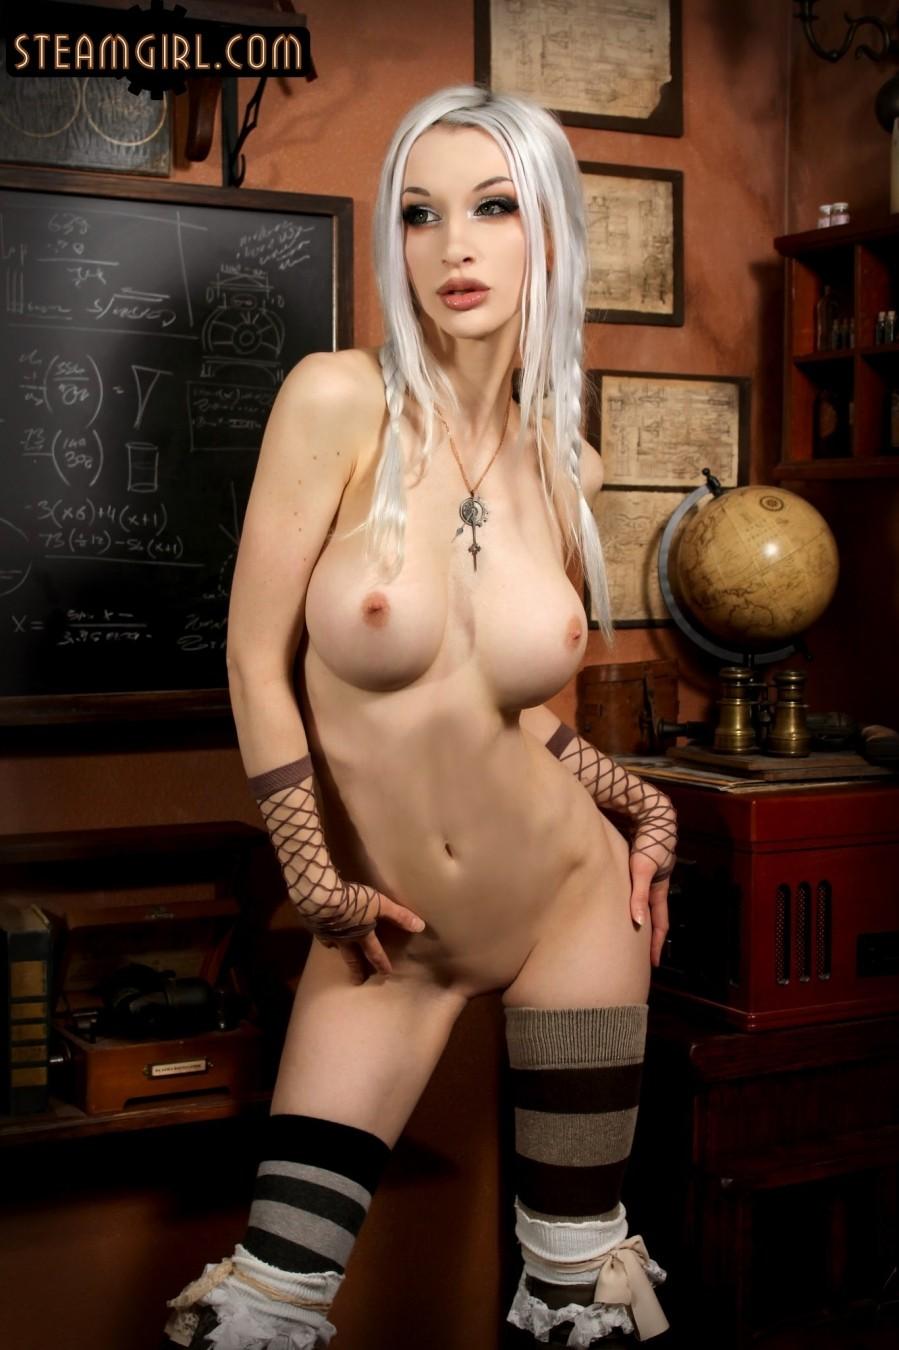 steampunk porn